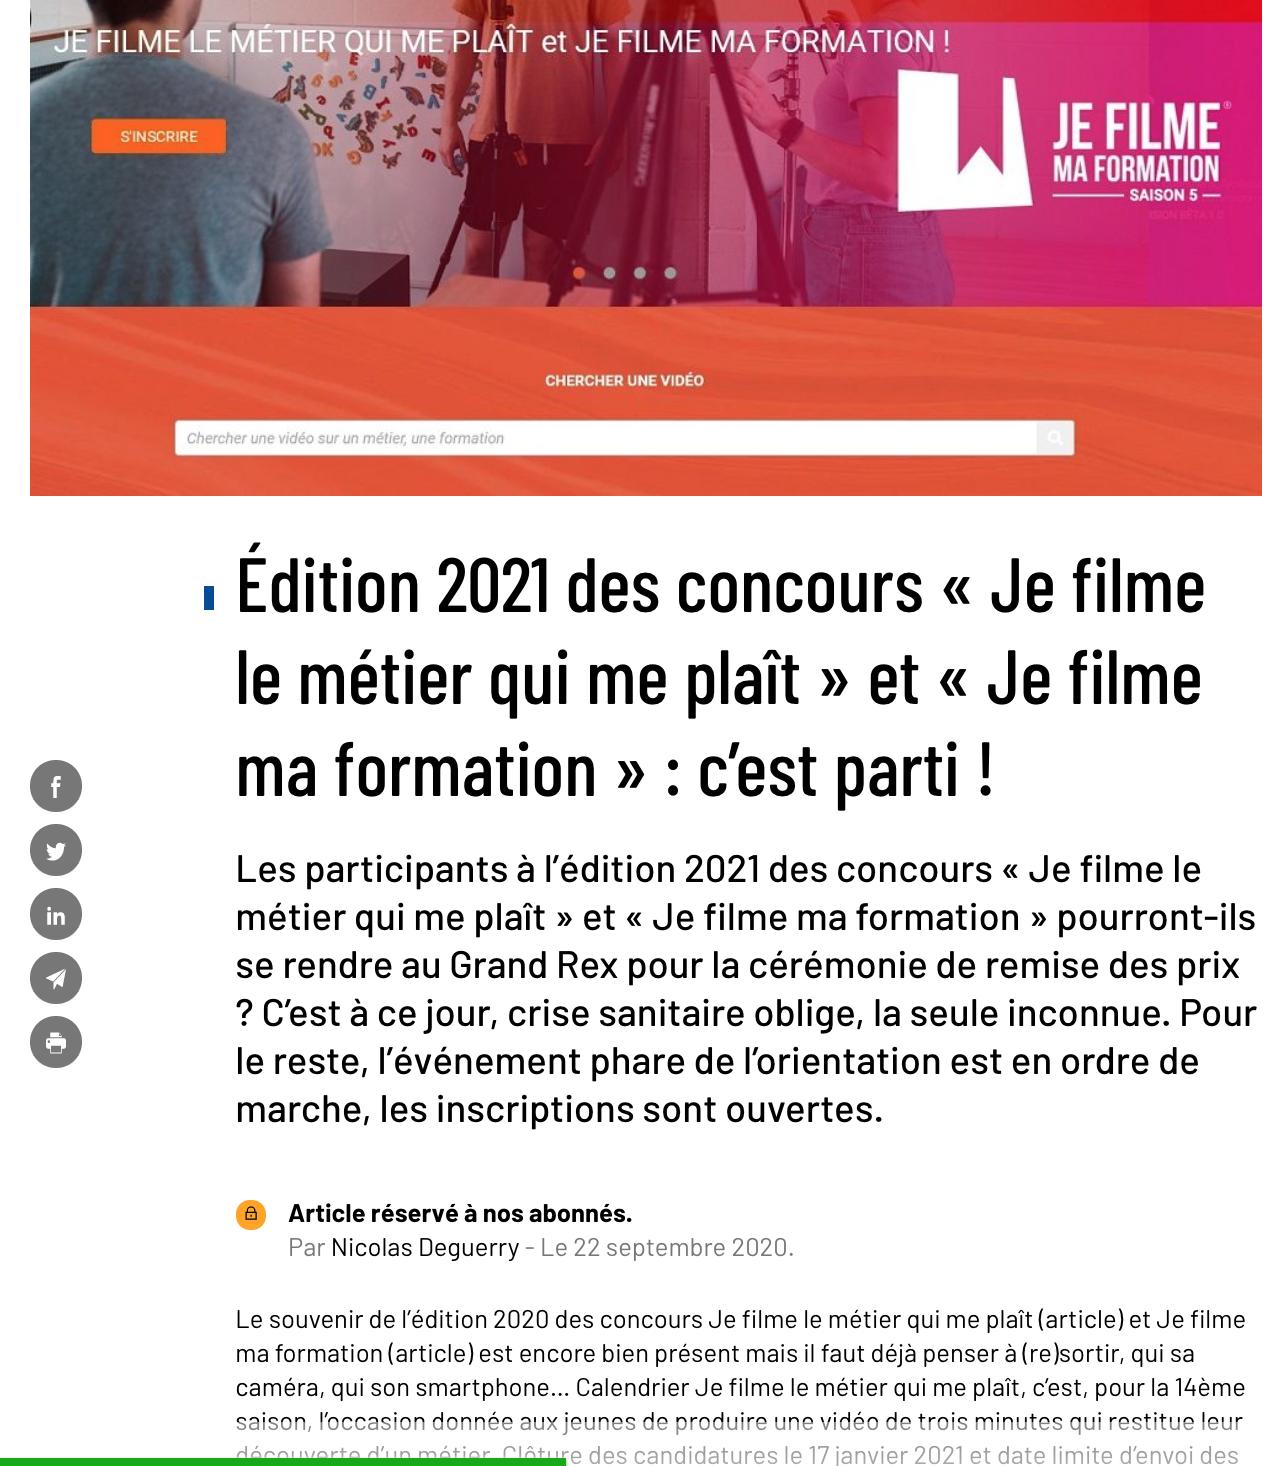 Centre Inffo - 22/09/2020